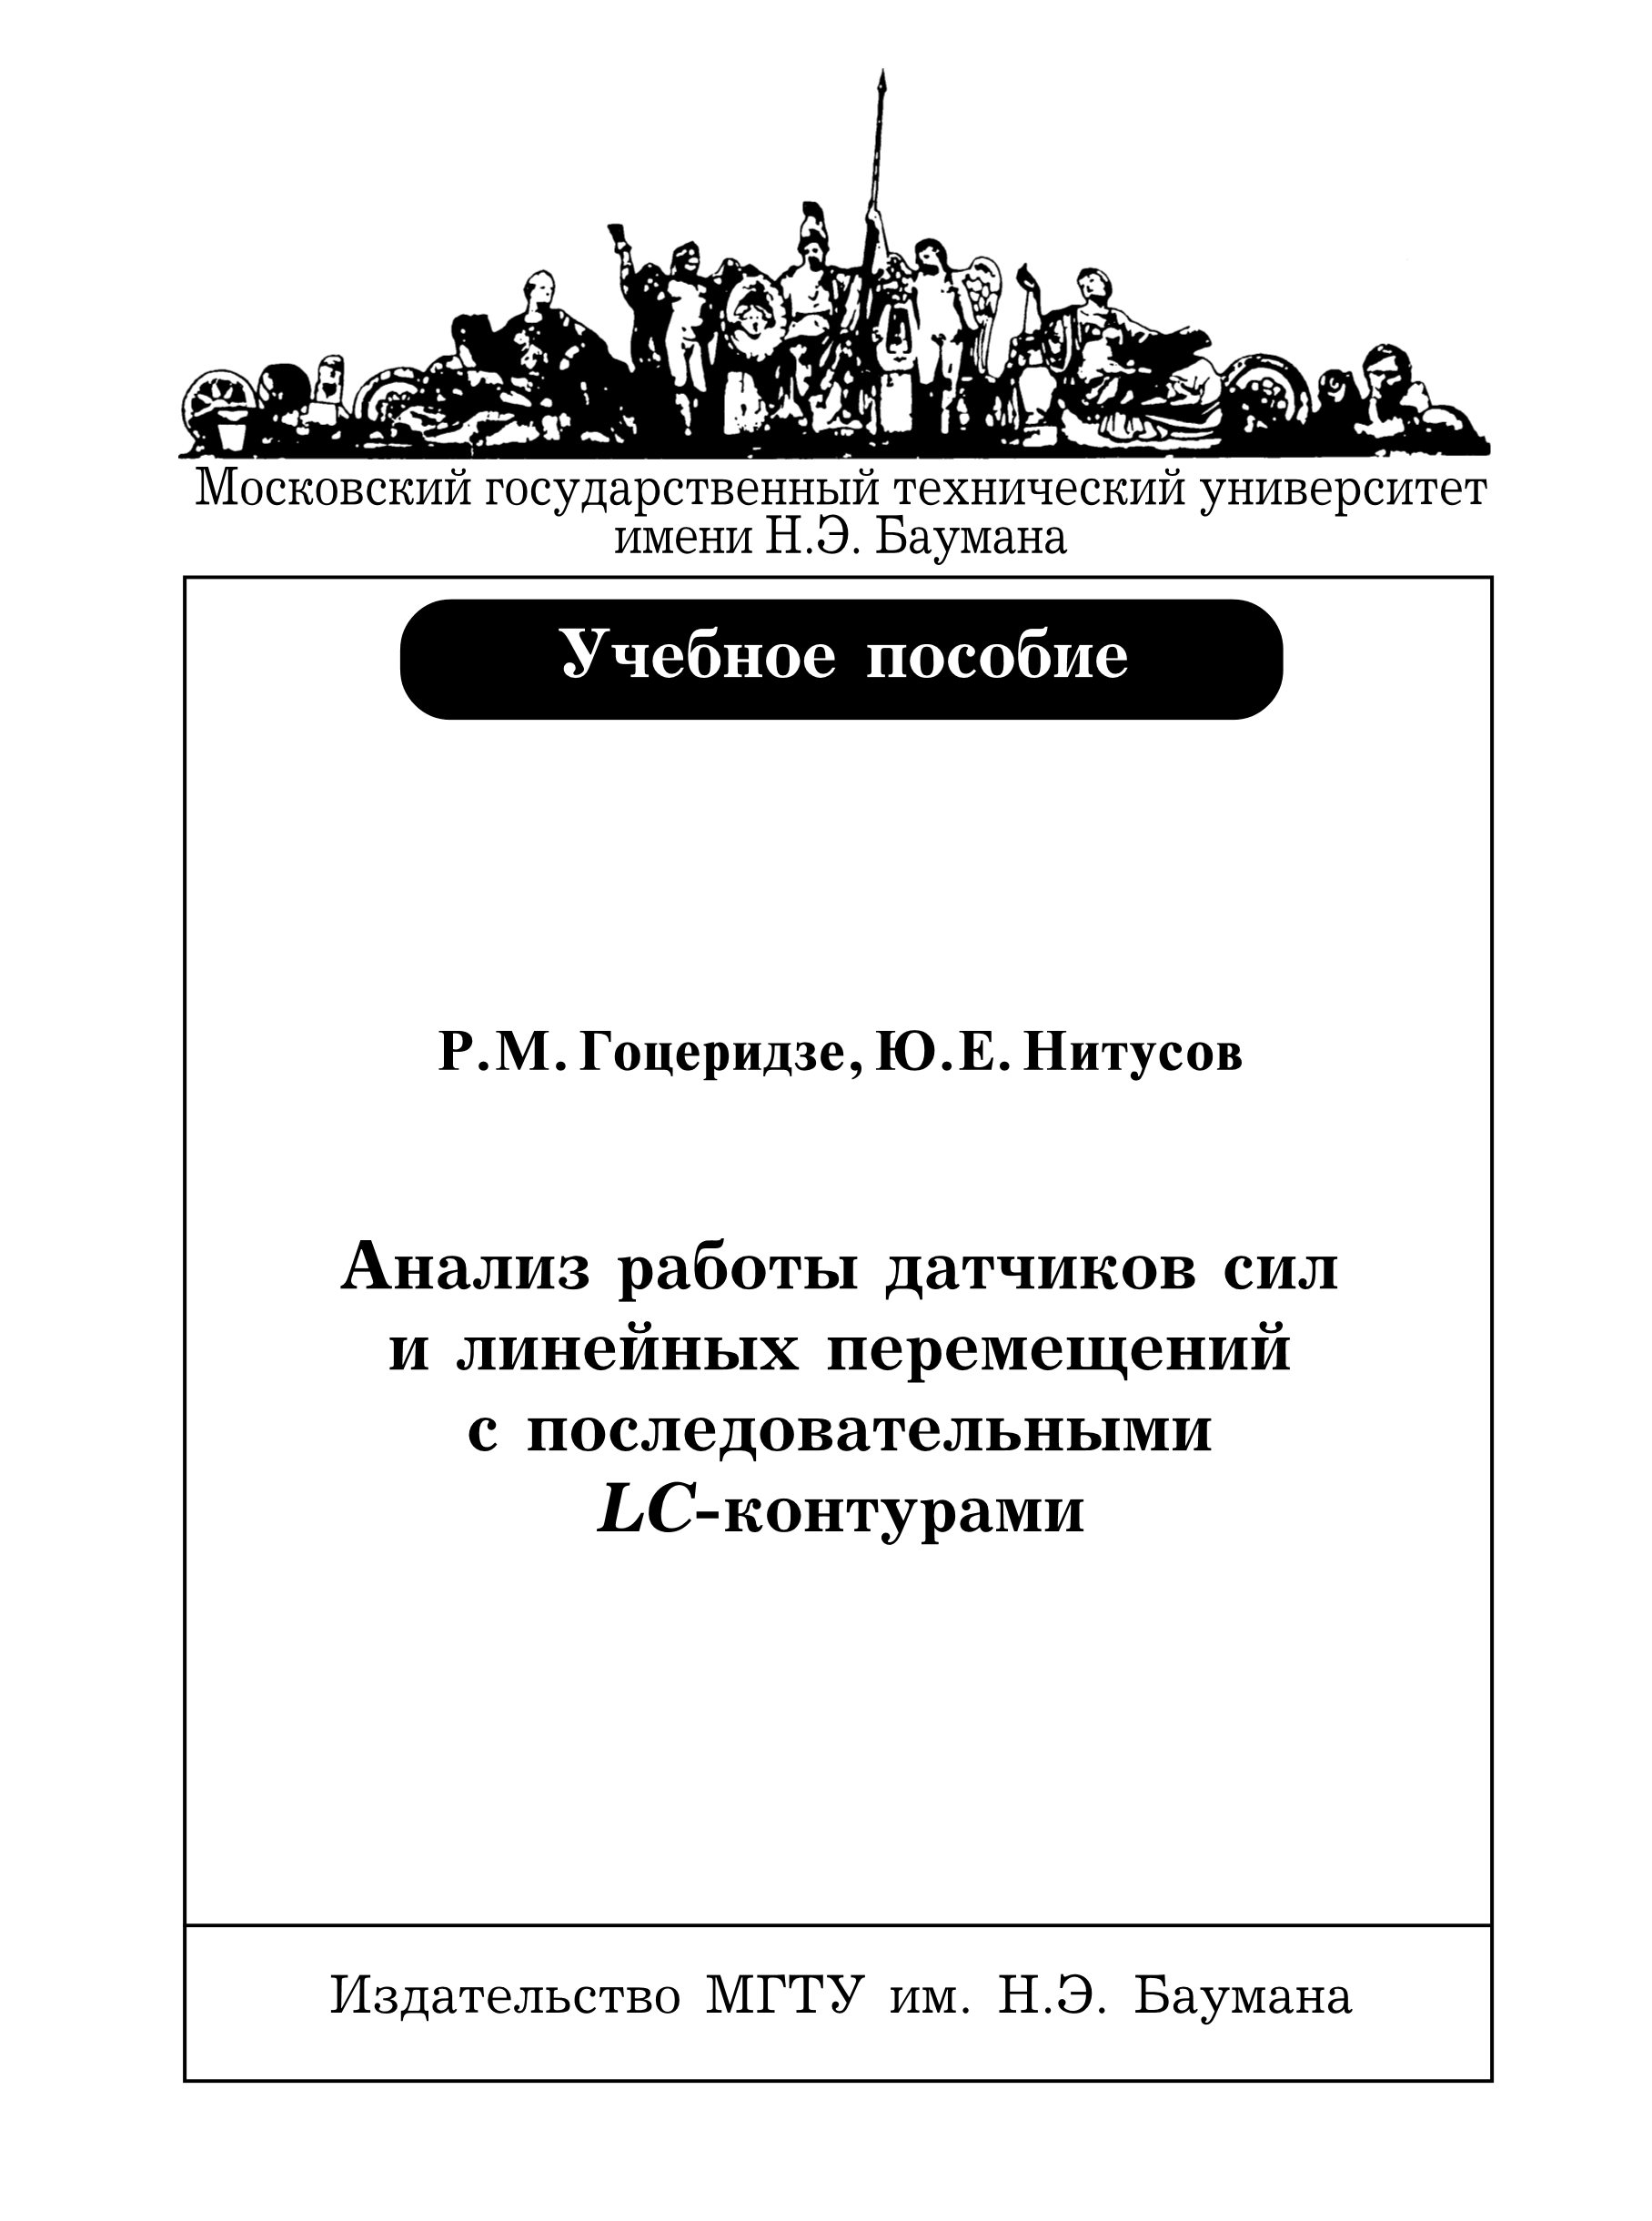 купить Руслан Гоцеридзе Анализ работы датчиков сил и линейных перемещений с последовательными LC-контурами недорого